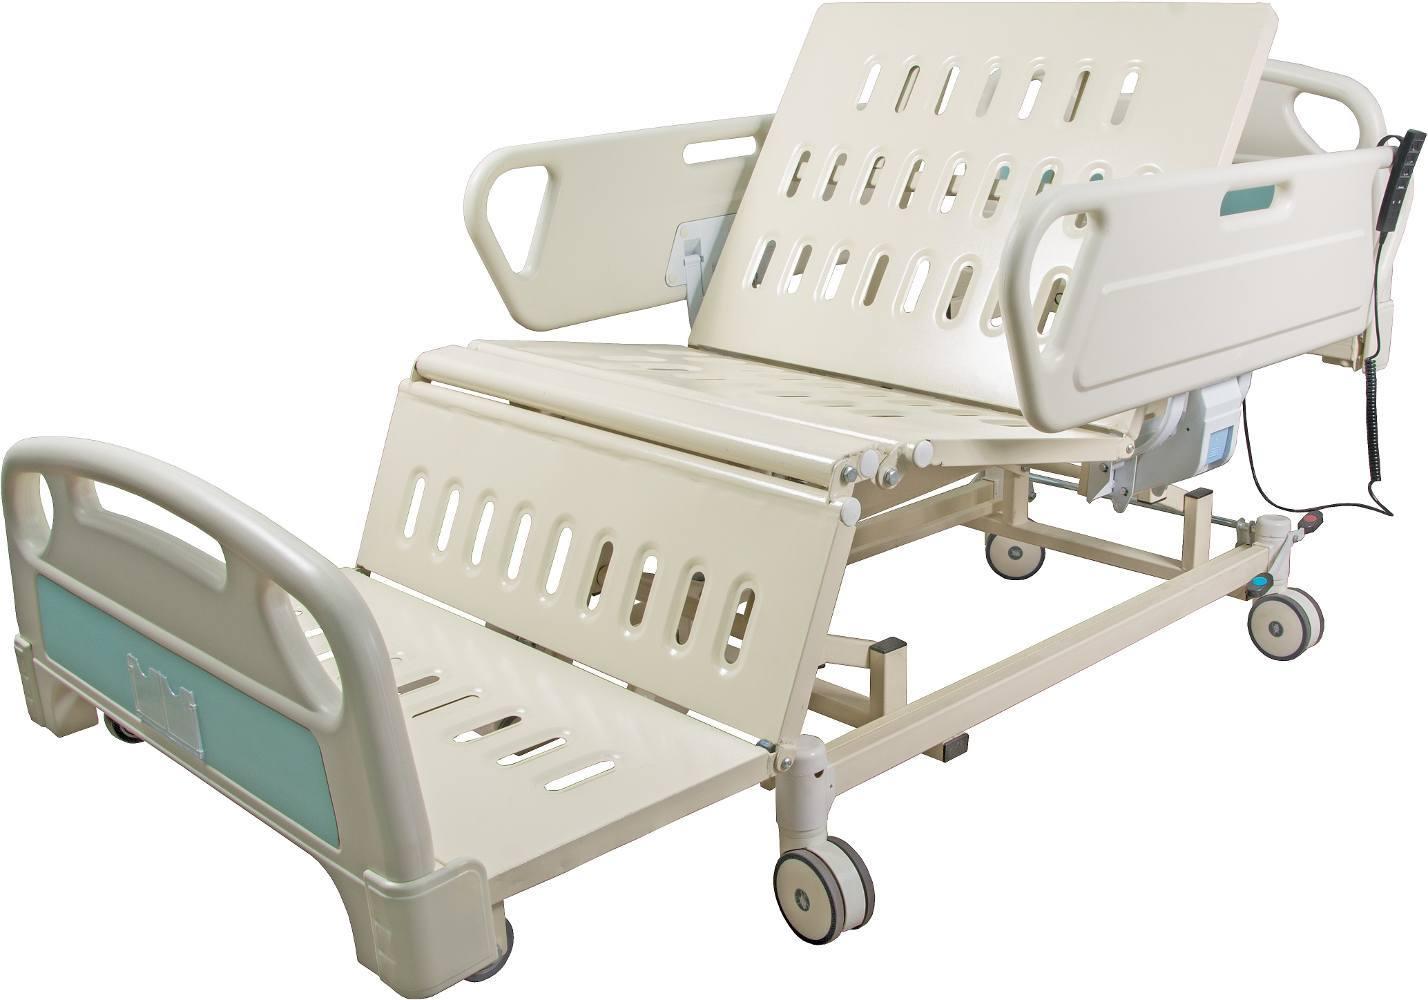 Novo 2 Elektryczne łóżko Rehabilitacyjne Z Funkcją Wstawania